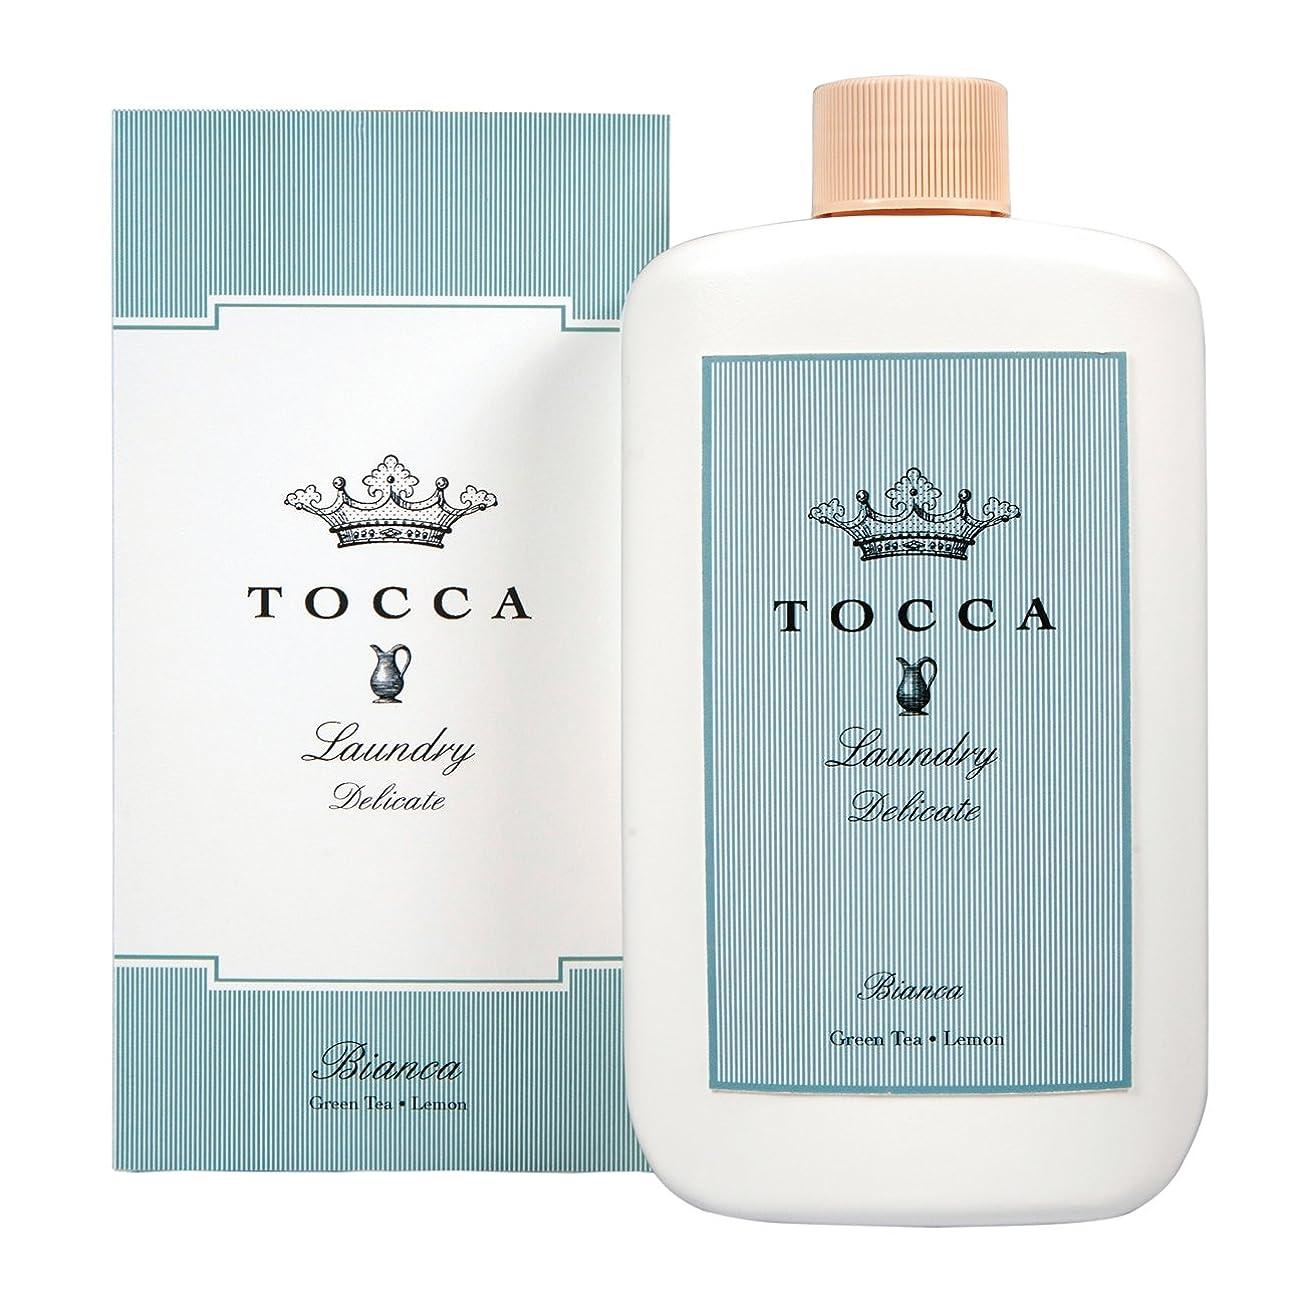 士気藤色ホットトッカ(TOCCA) ランドリーデリケート ビアンカの香り 235ml (デリケート素材用洗剤 洗濯用合成洗剤 シトラスとグリーンティー、ローズが絶妙に溶け合ったほのかに甘さ漂うフレッシュな香り)